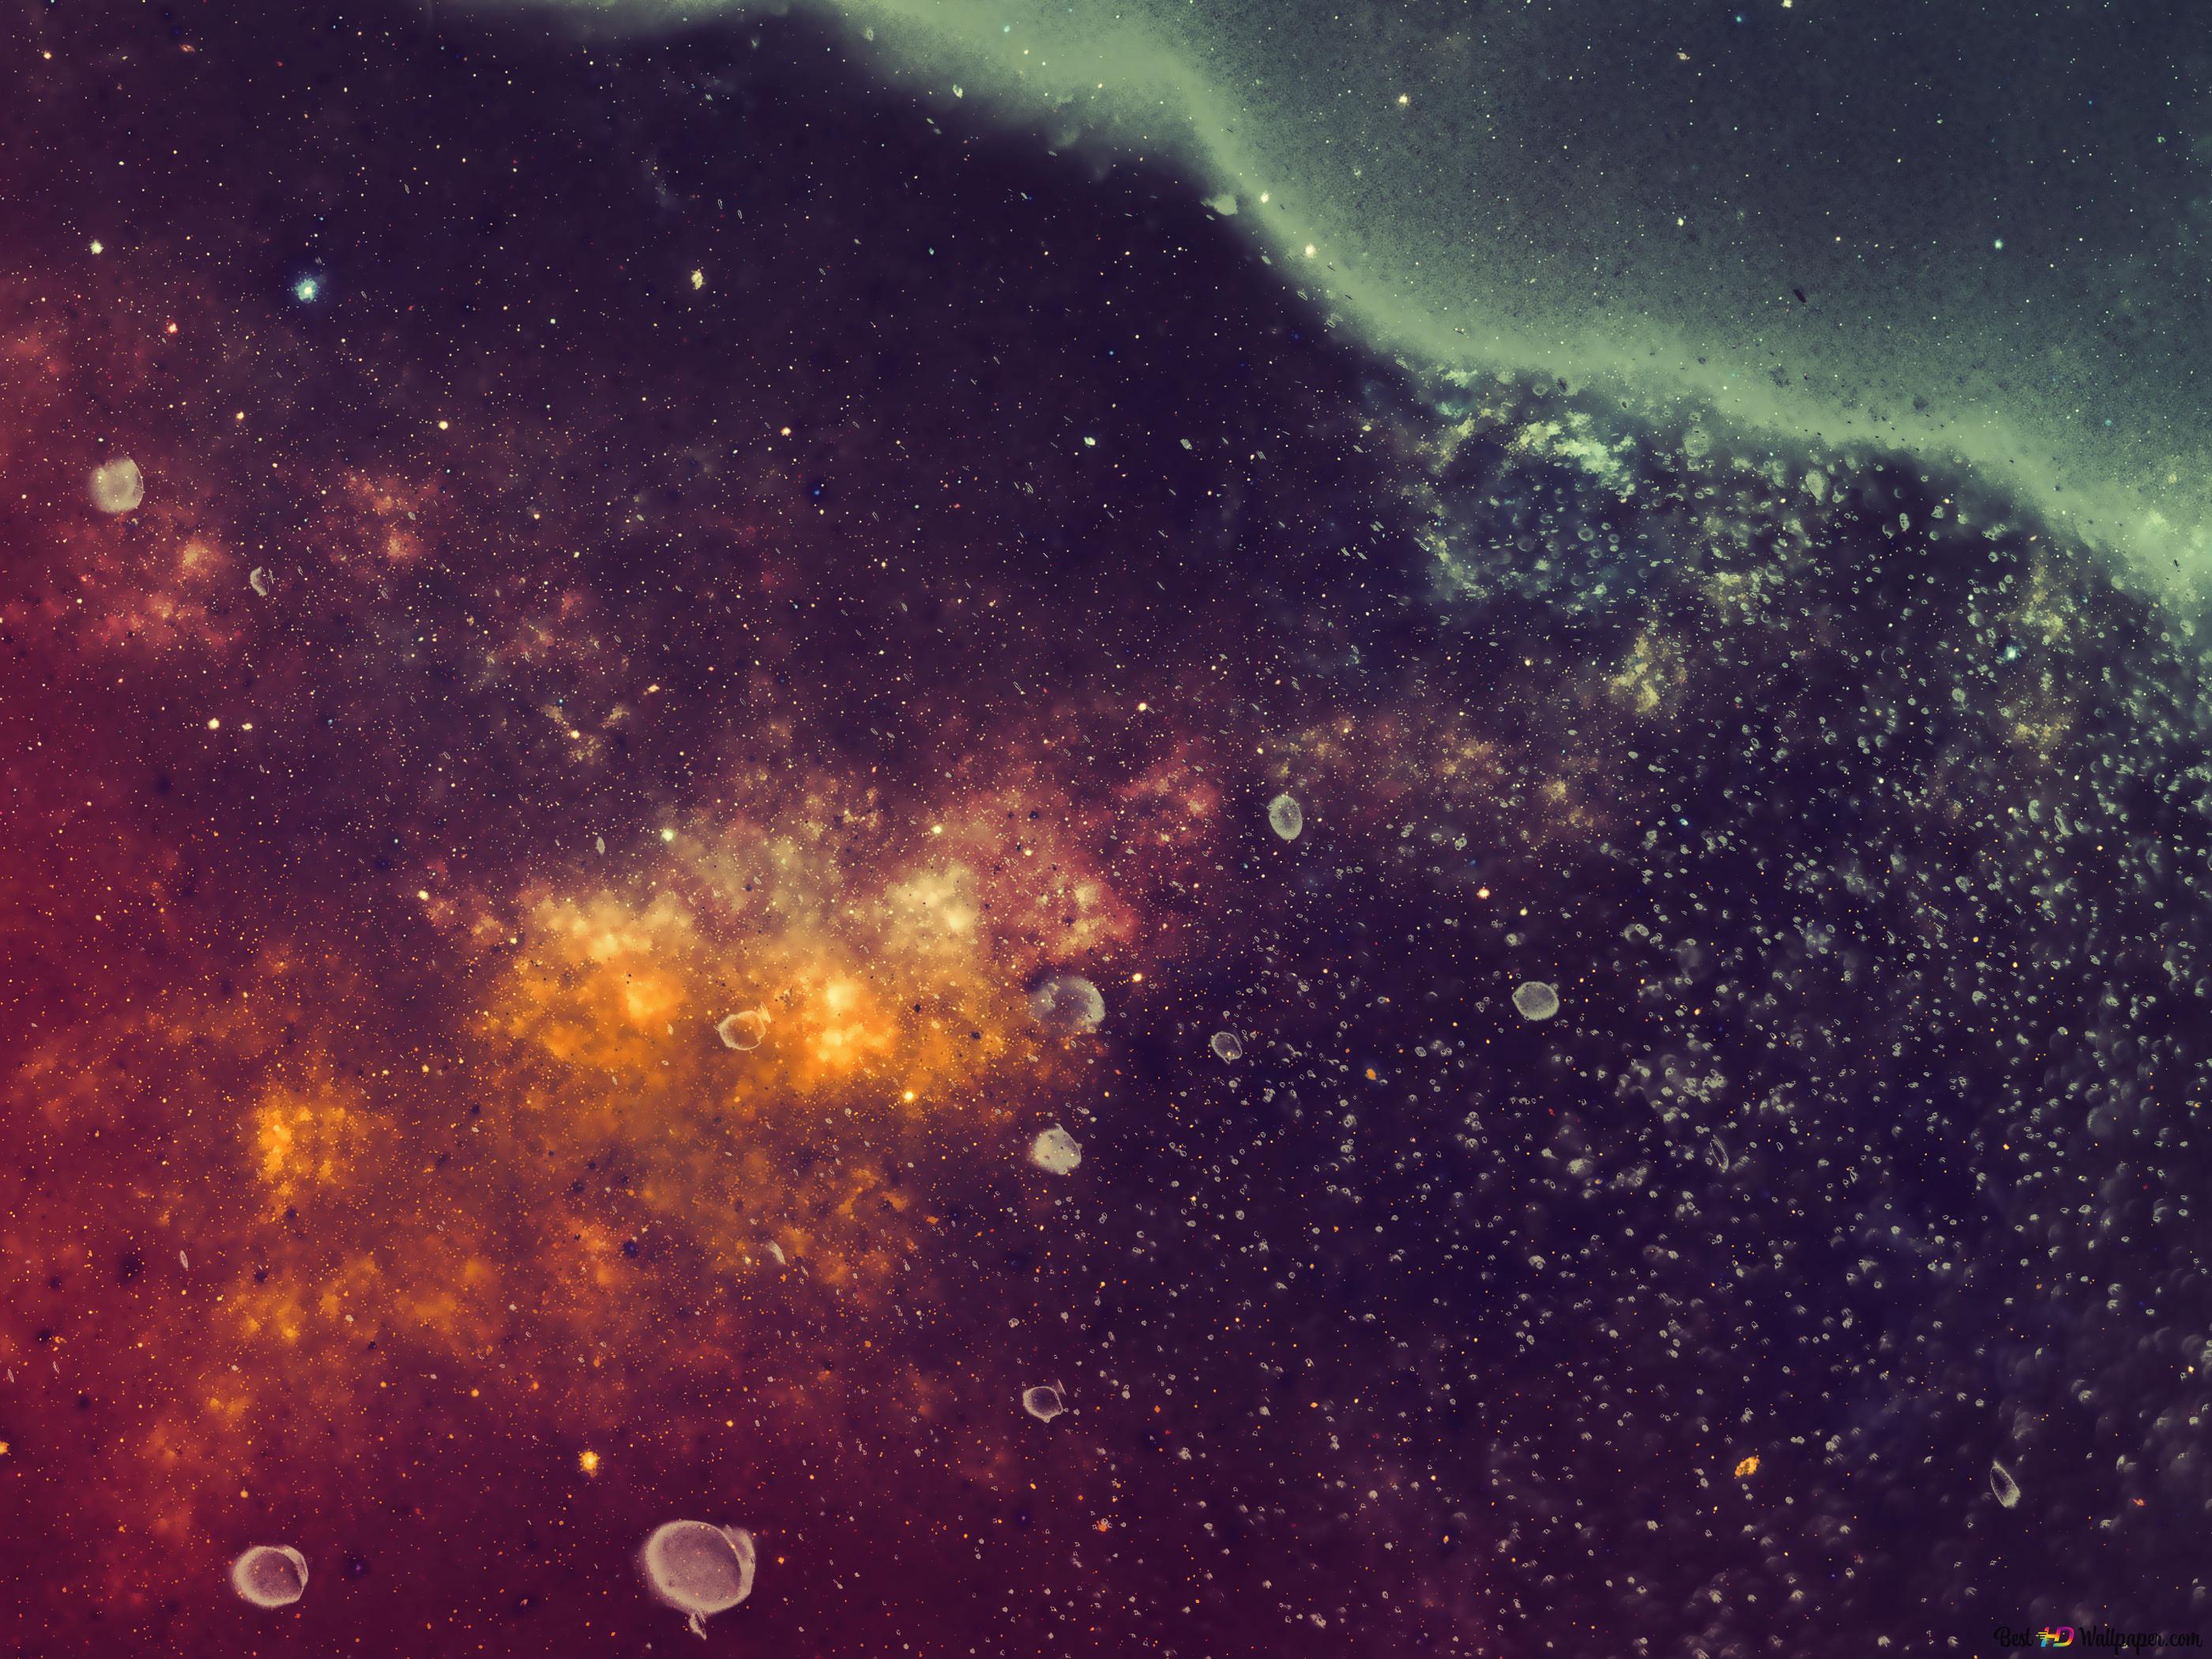 Marvelous Universum Hd Hintergrundbilder Herunterladen